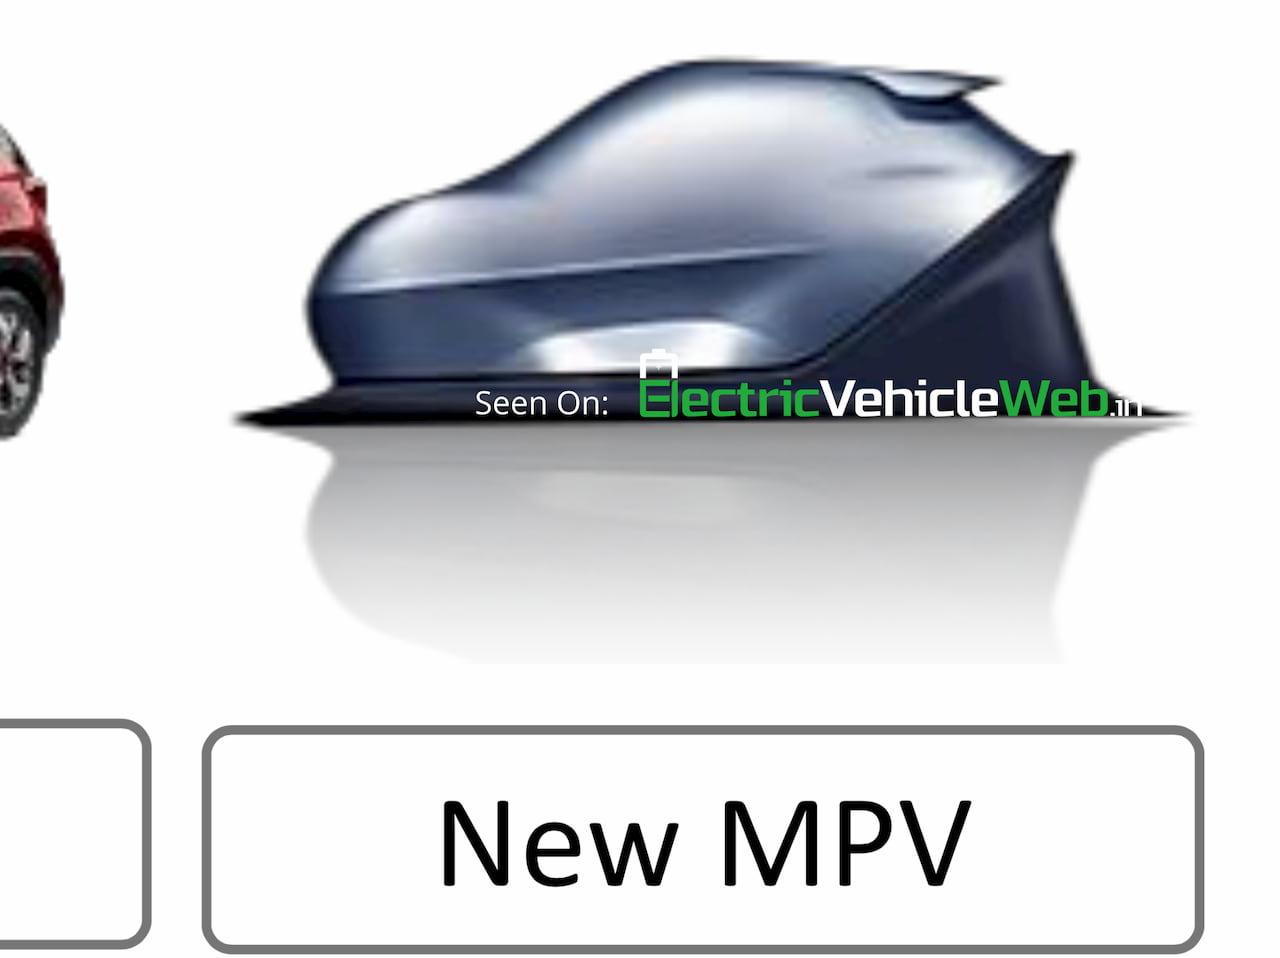 Kia MPV India teaser